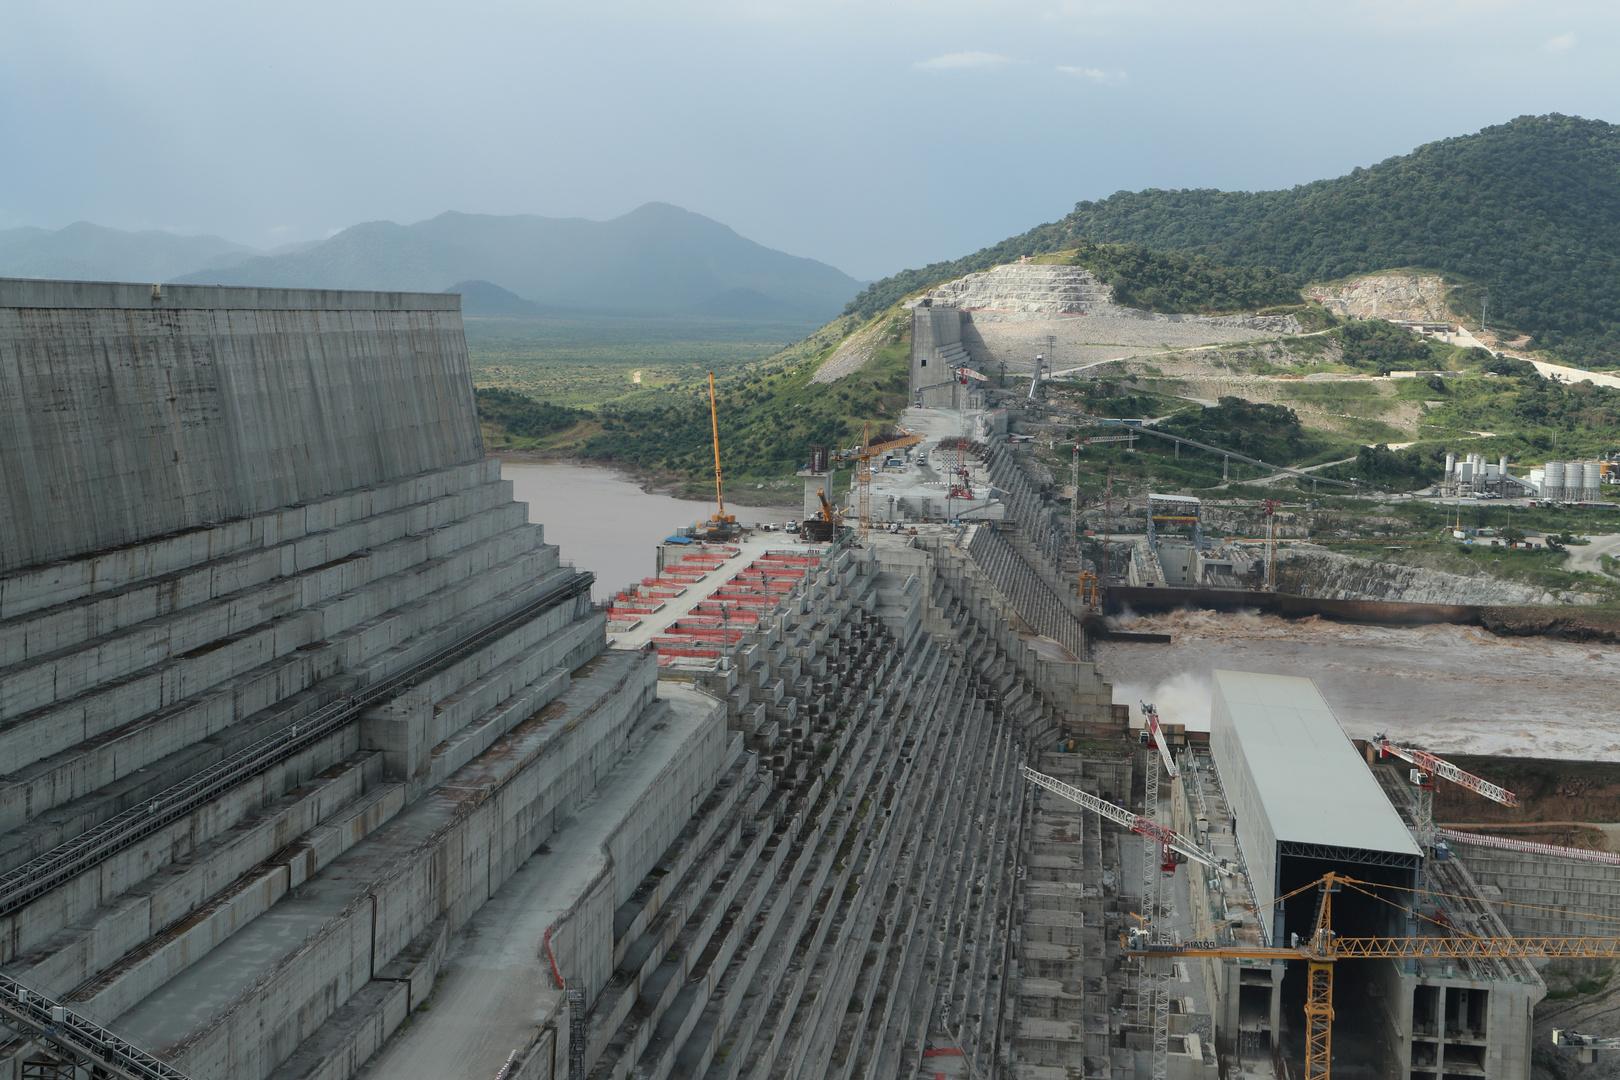 Etiopisk udenrigsminister: Der er ingen styrke, der kan forhindre os i at bygge renæssancedæmningen